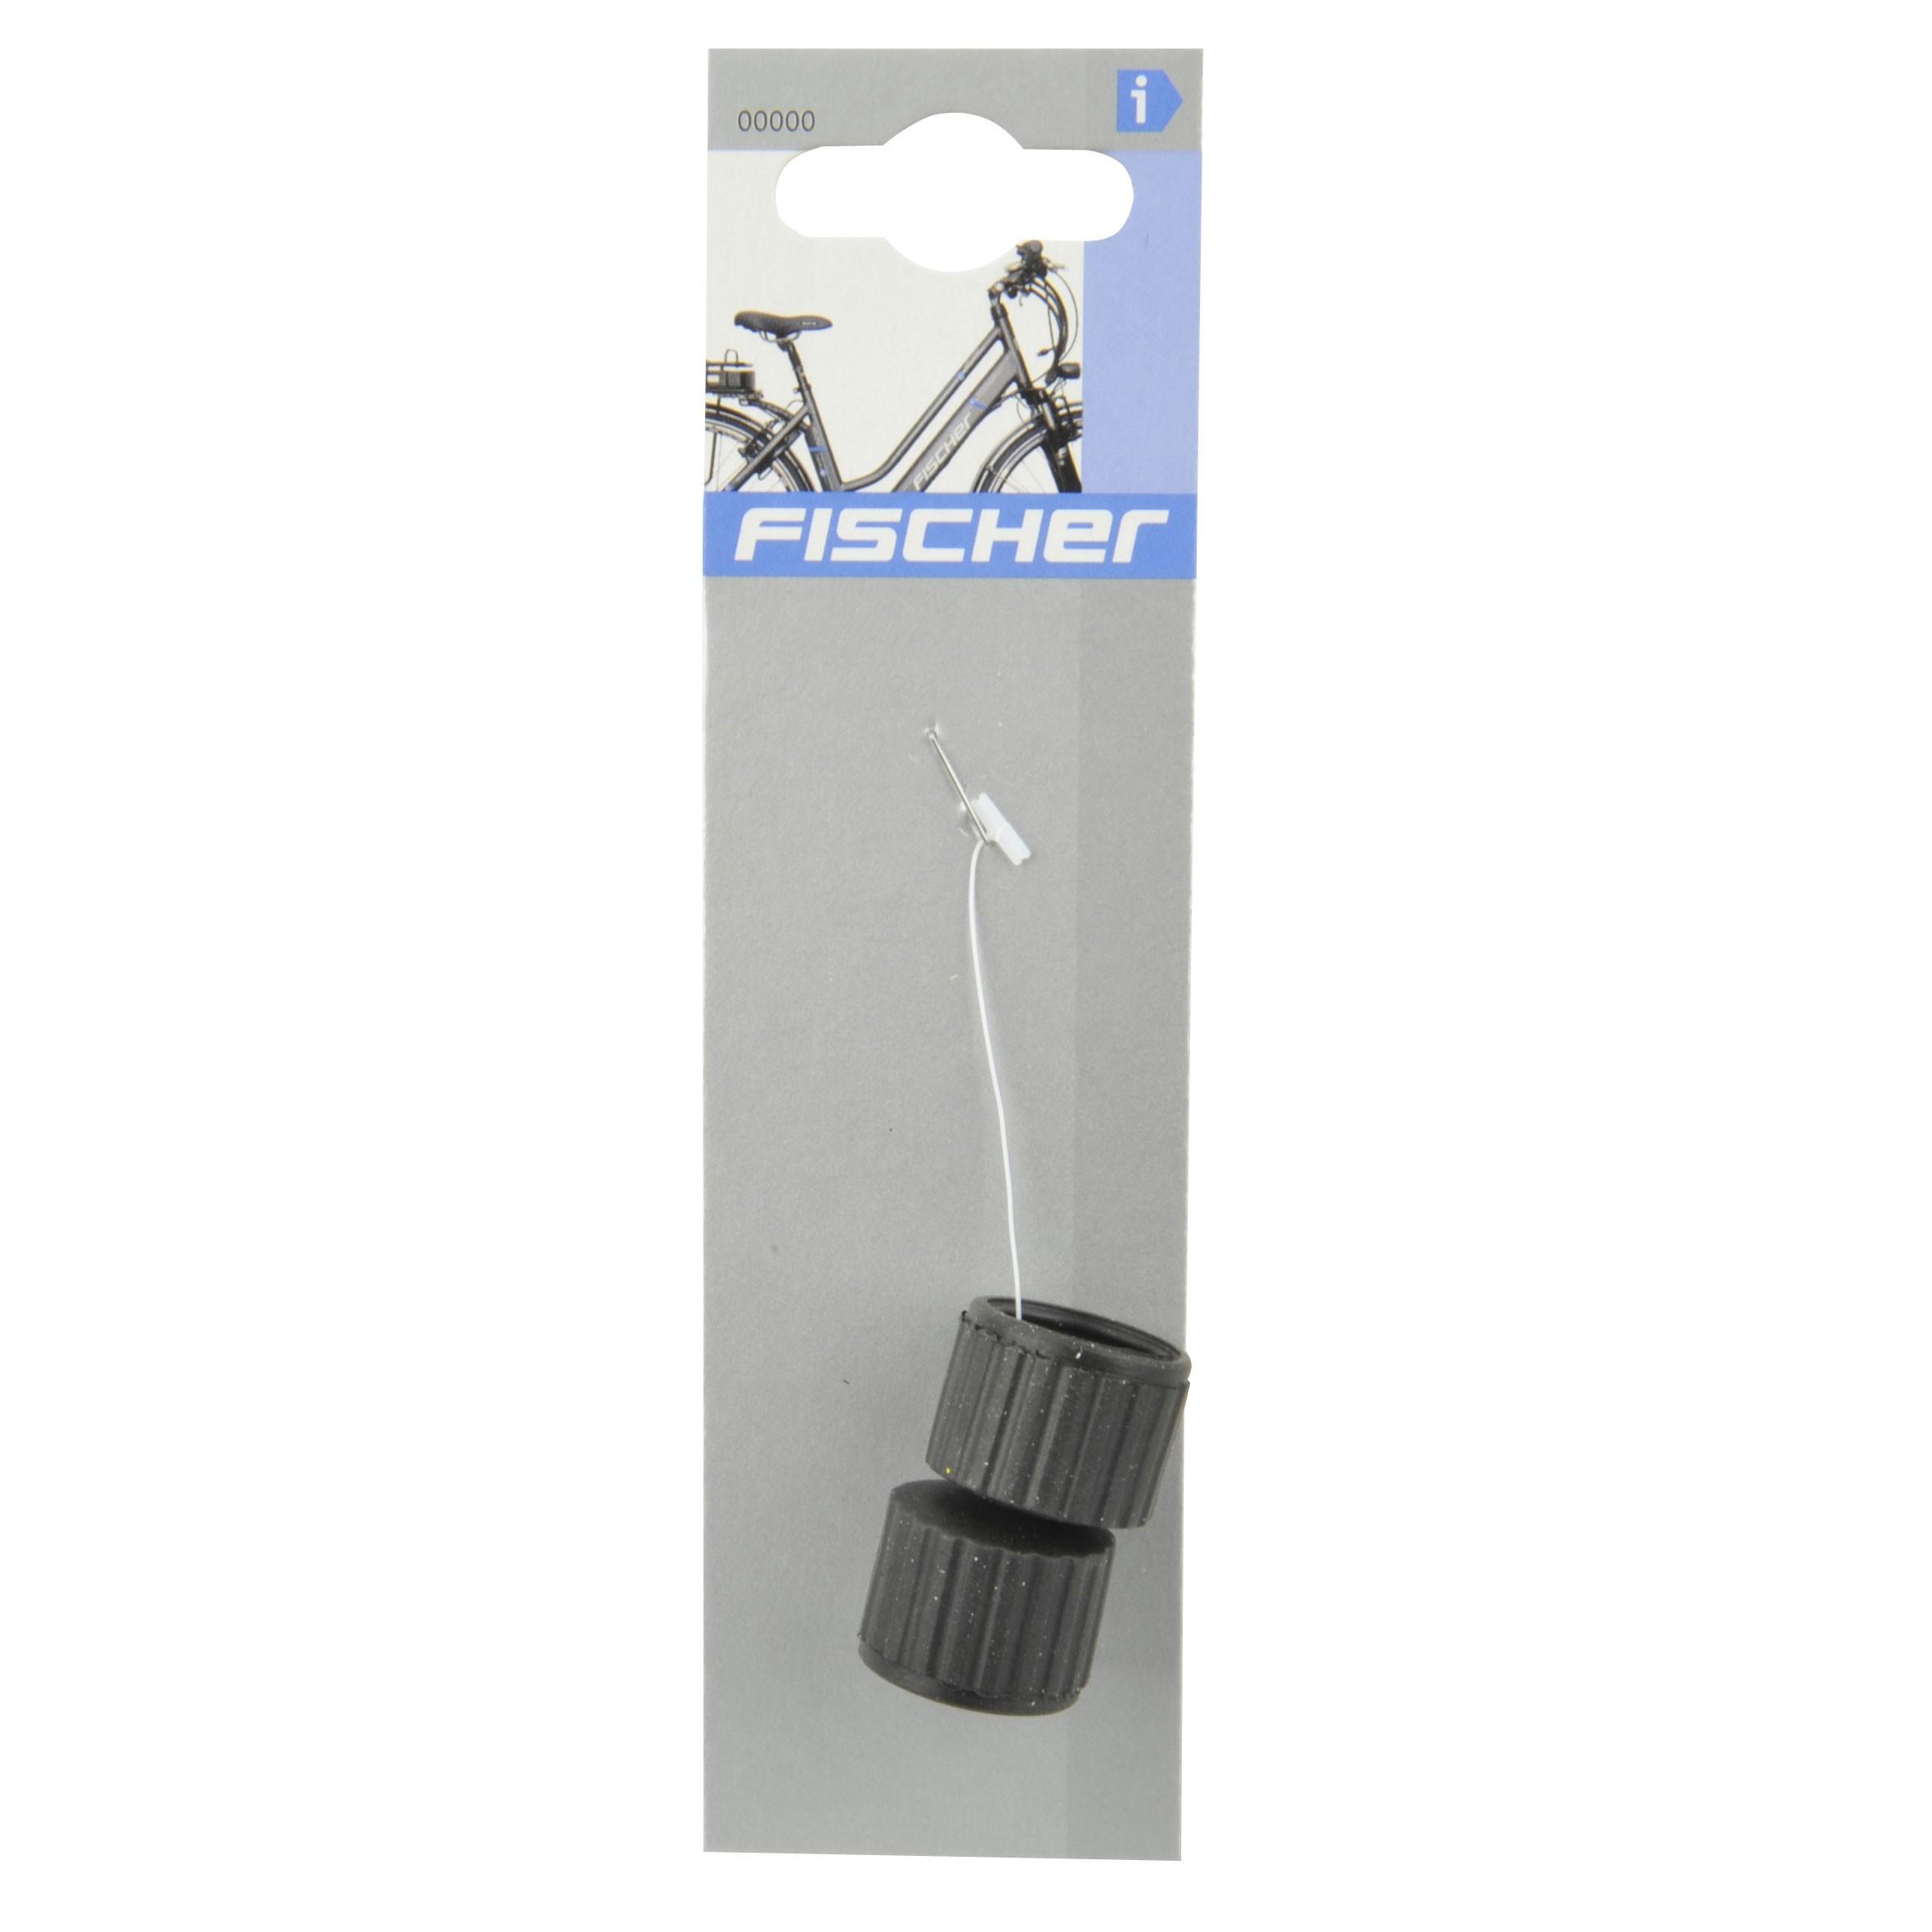 Fischer Fahrradbeleuchtung Dynamo / Reiberollen für Dynamo 2 Stück Bild 2